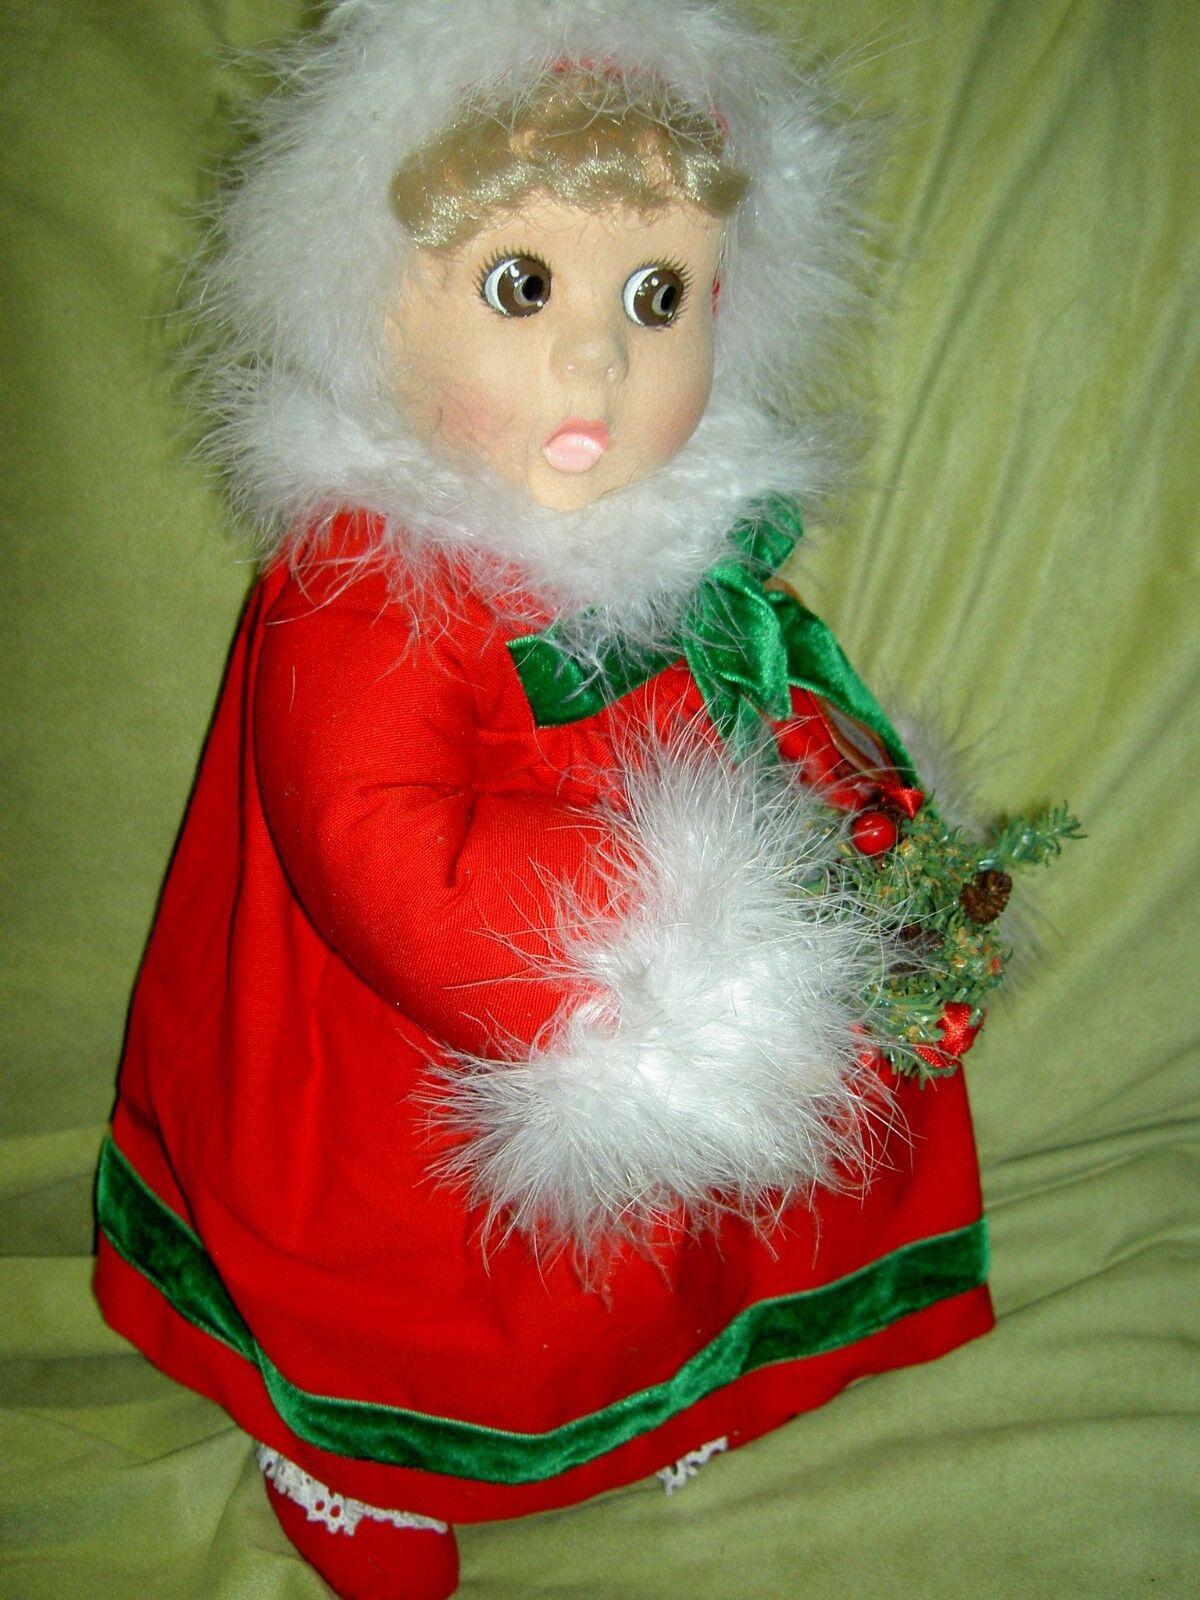 Gran Lenci  Baby Noel  1998 Peluche  sorprendido  ojos con etiqueta Certificado de Autenticidad l'td. Ed.